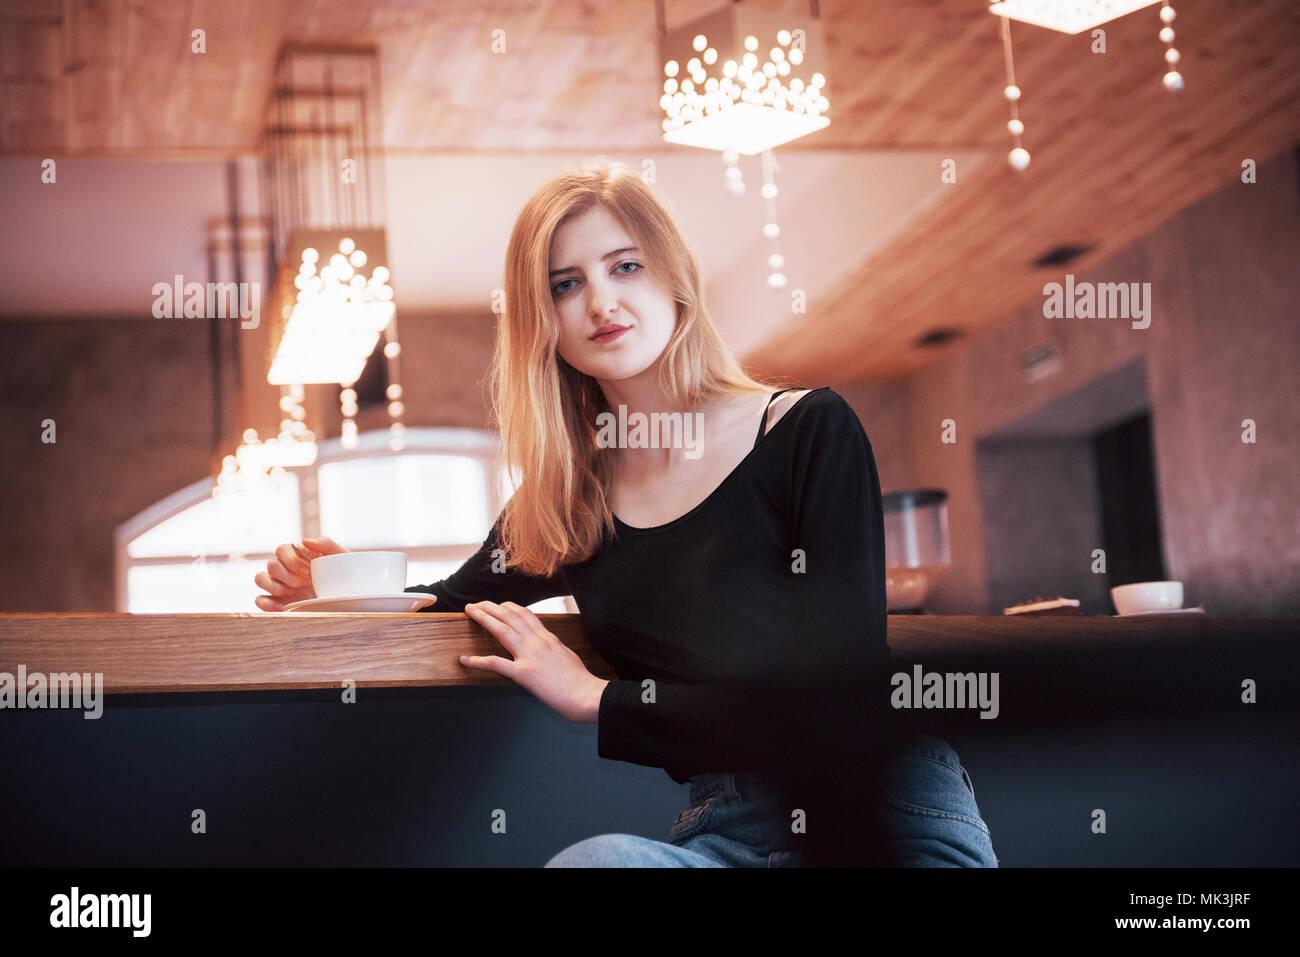 Glücklich lächelnde junge Frau mit Phone in einem Café. Schöne Mädchen in trendigen Frühling Farben Stockbild